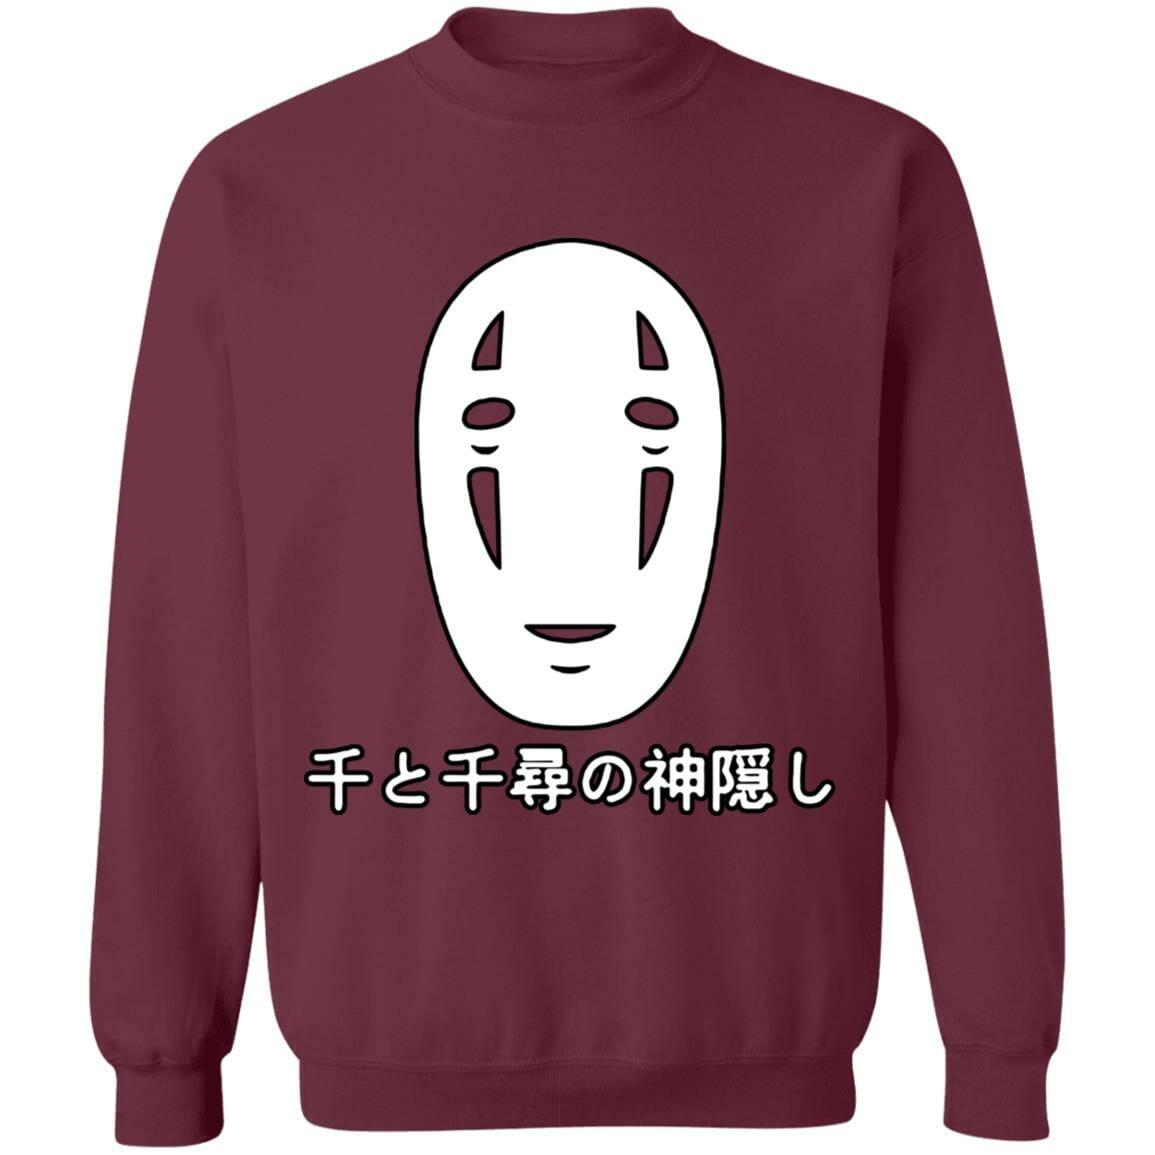 Spirited Away No Face Kaonashi Harajuku Sweatshirt